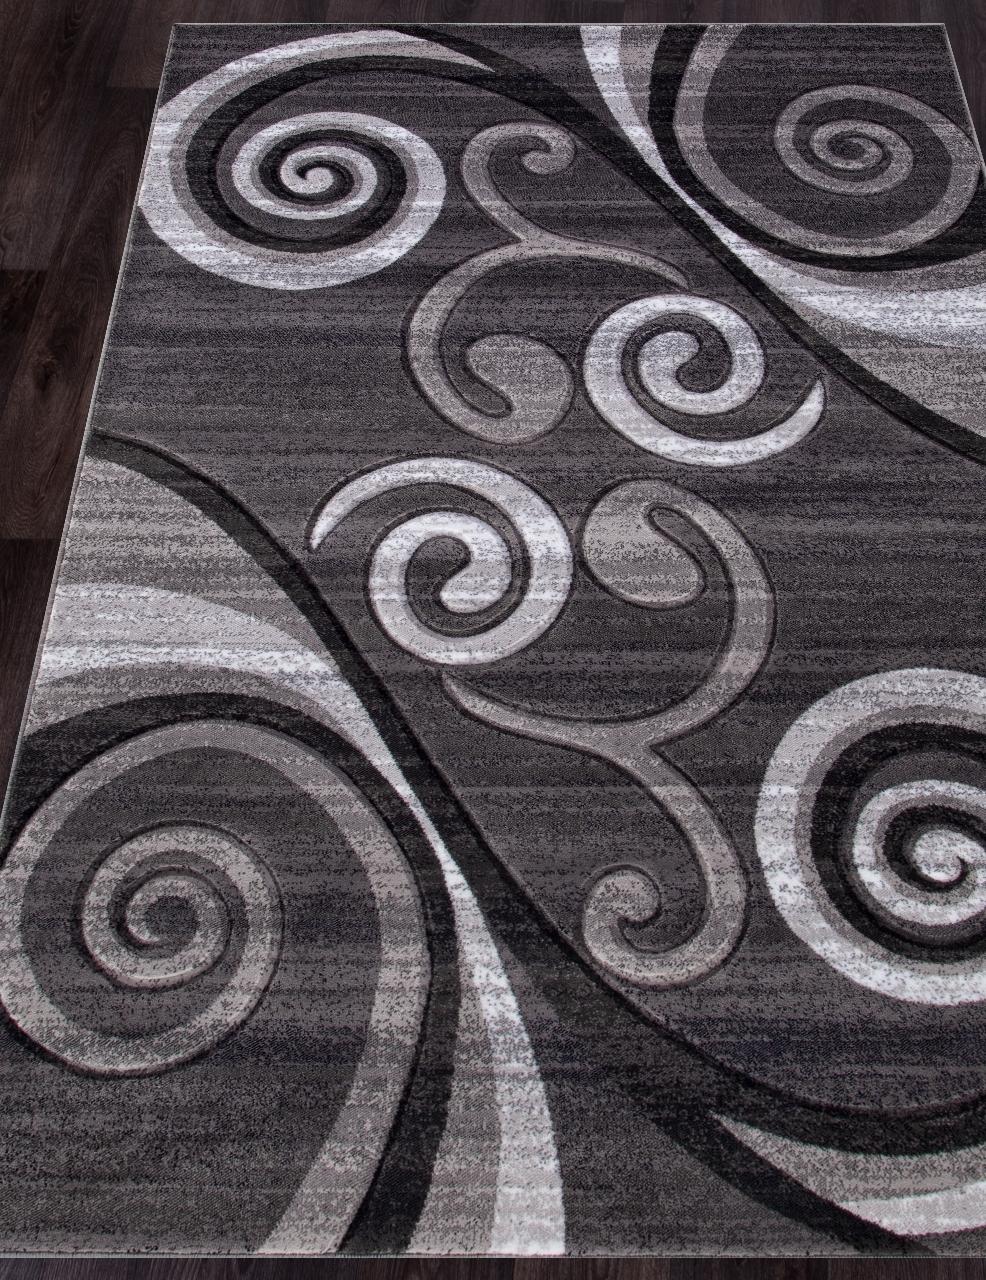 Ковер d263 - GRAY - Прямоугольник - коллекция MEGA CARVING - фото 1